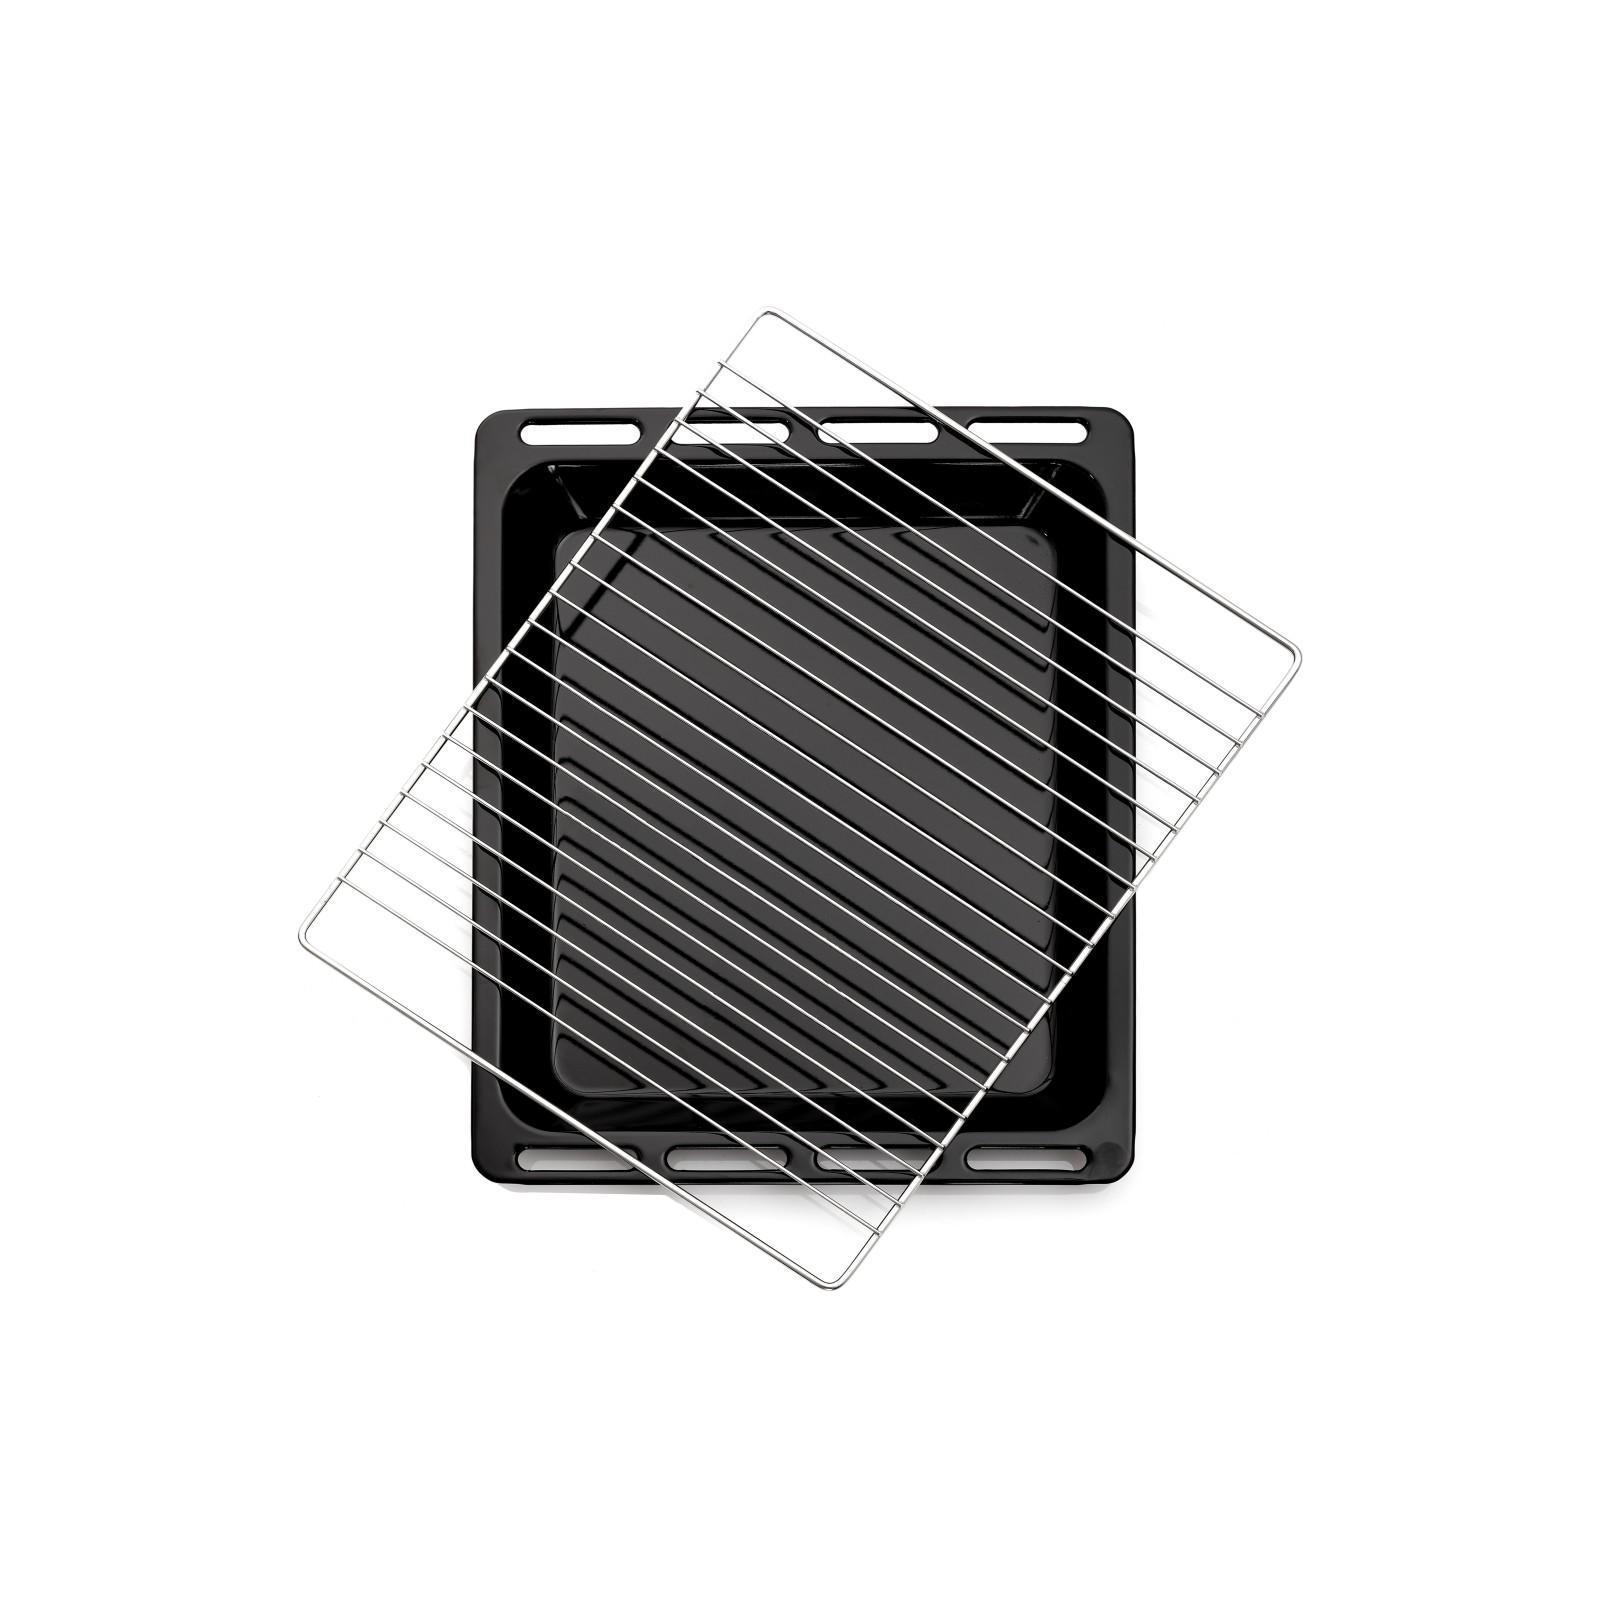 Духовой шкаф ELEYUS LEONA 6006 BL изображение 12